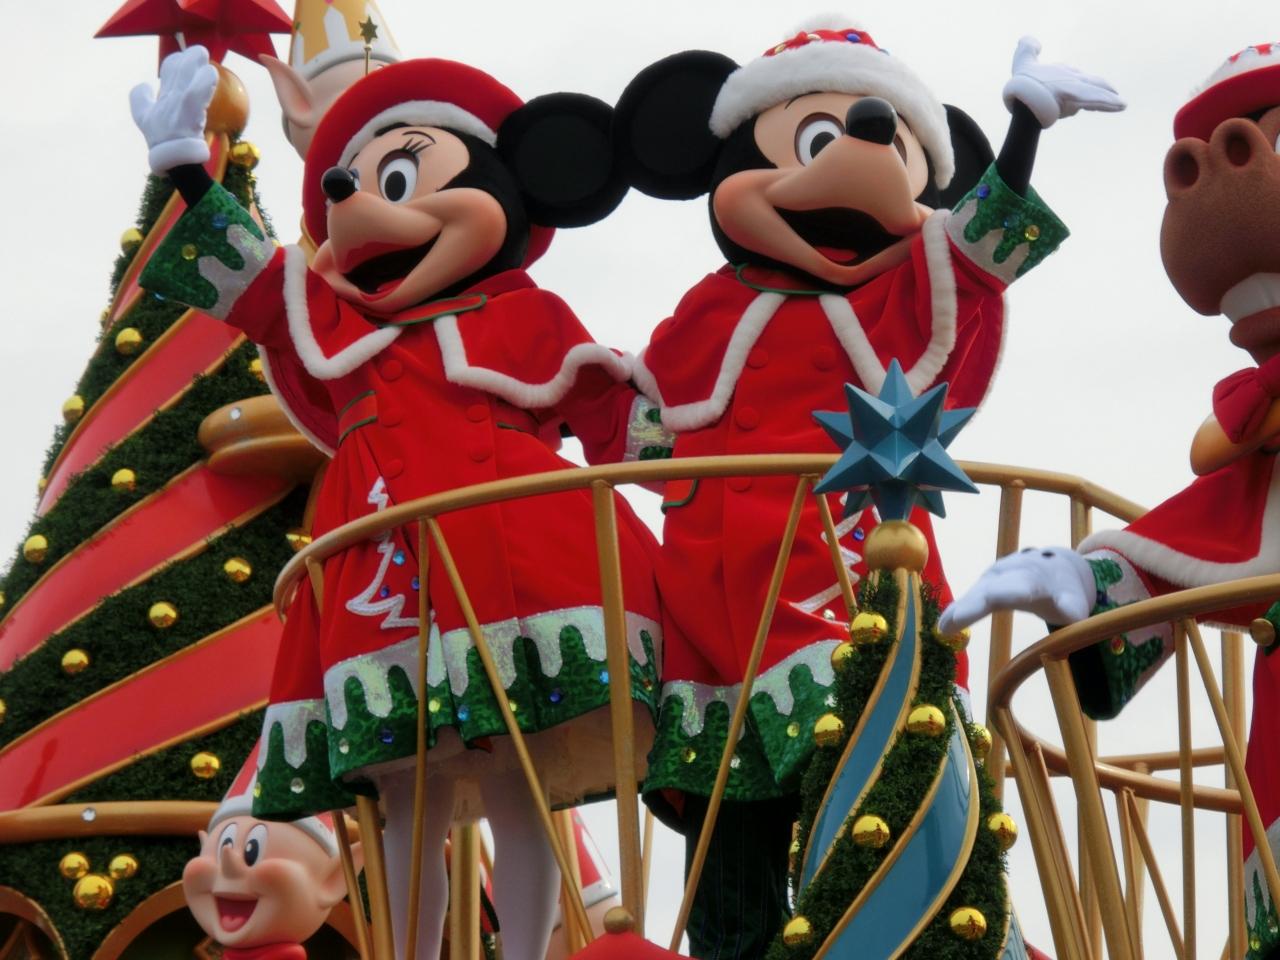 2011年・2歳4ヶ月の娘と行くディズニーランド☆クリスマス